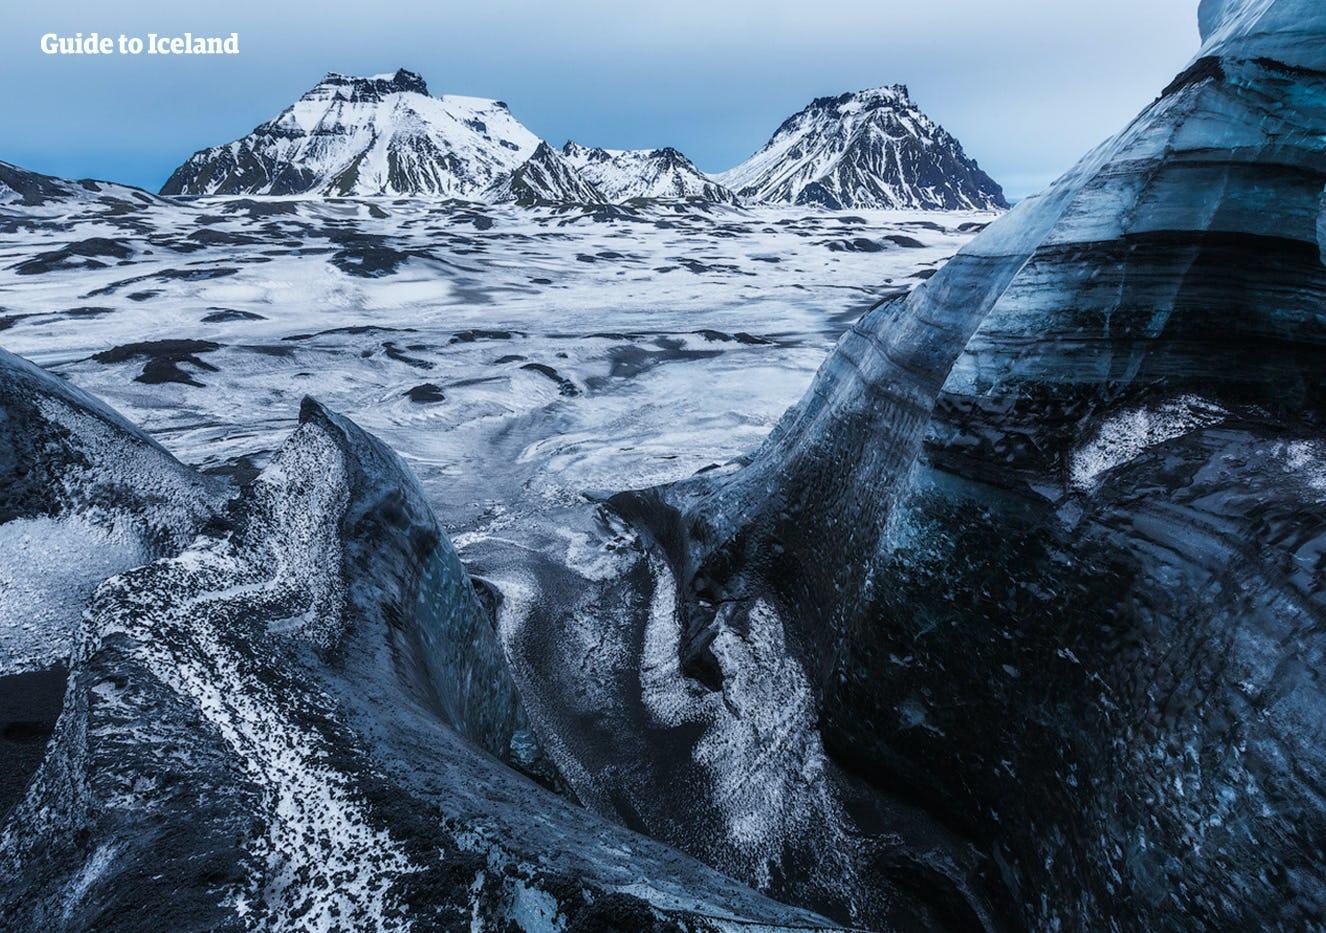 Zimą lód na szczycie lodowców Islandii staje się bardziej intensywnie niebieski.